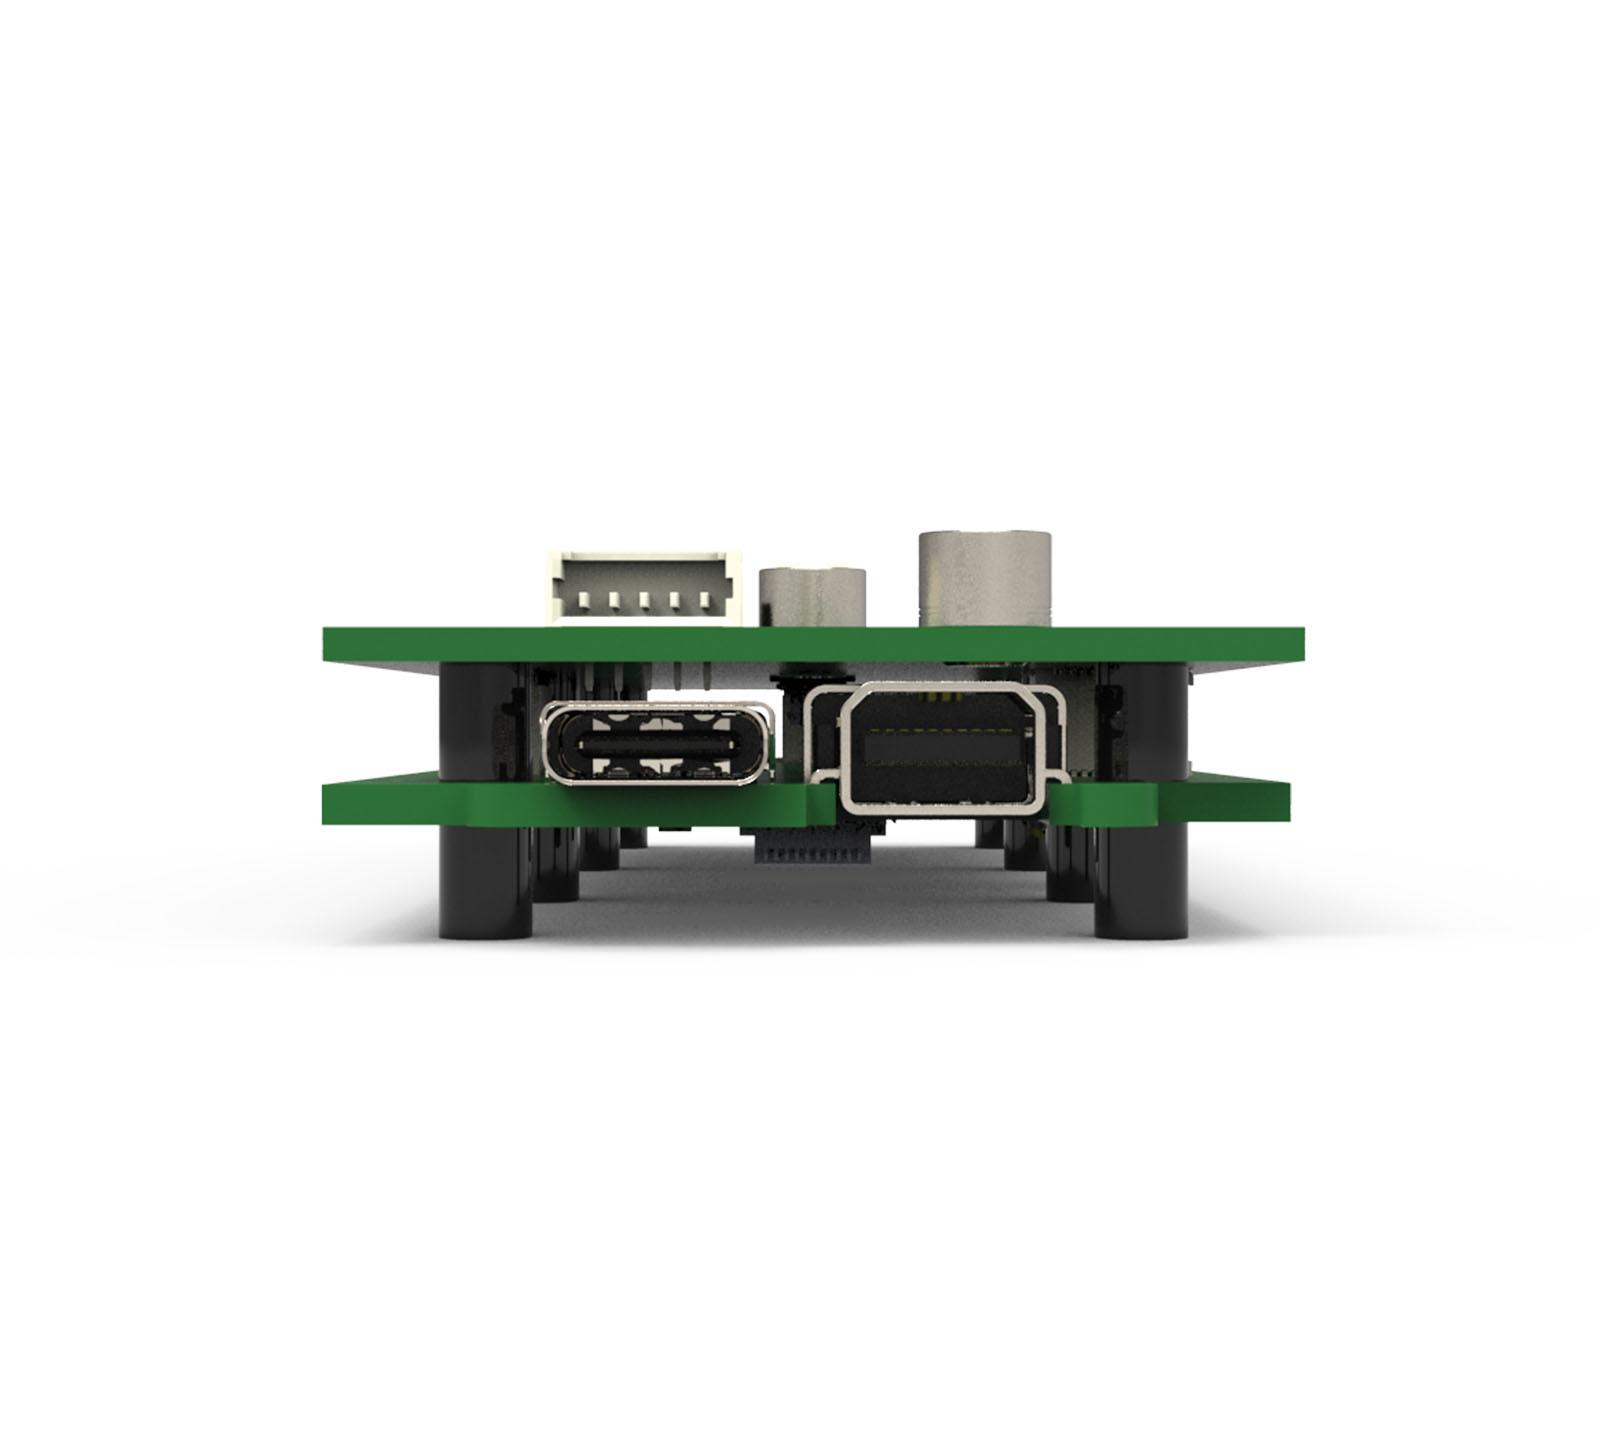 OEM PCB Stack